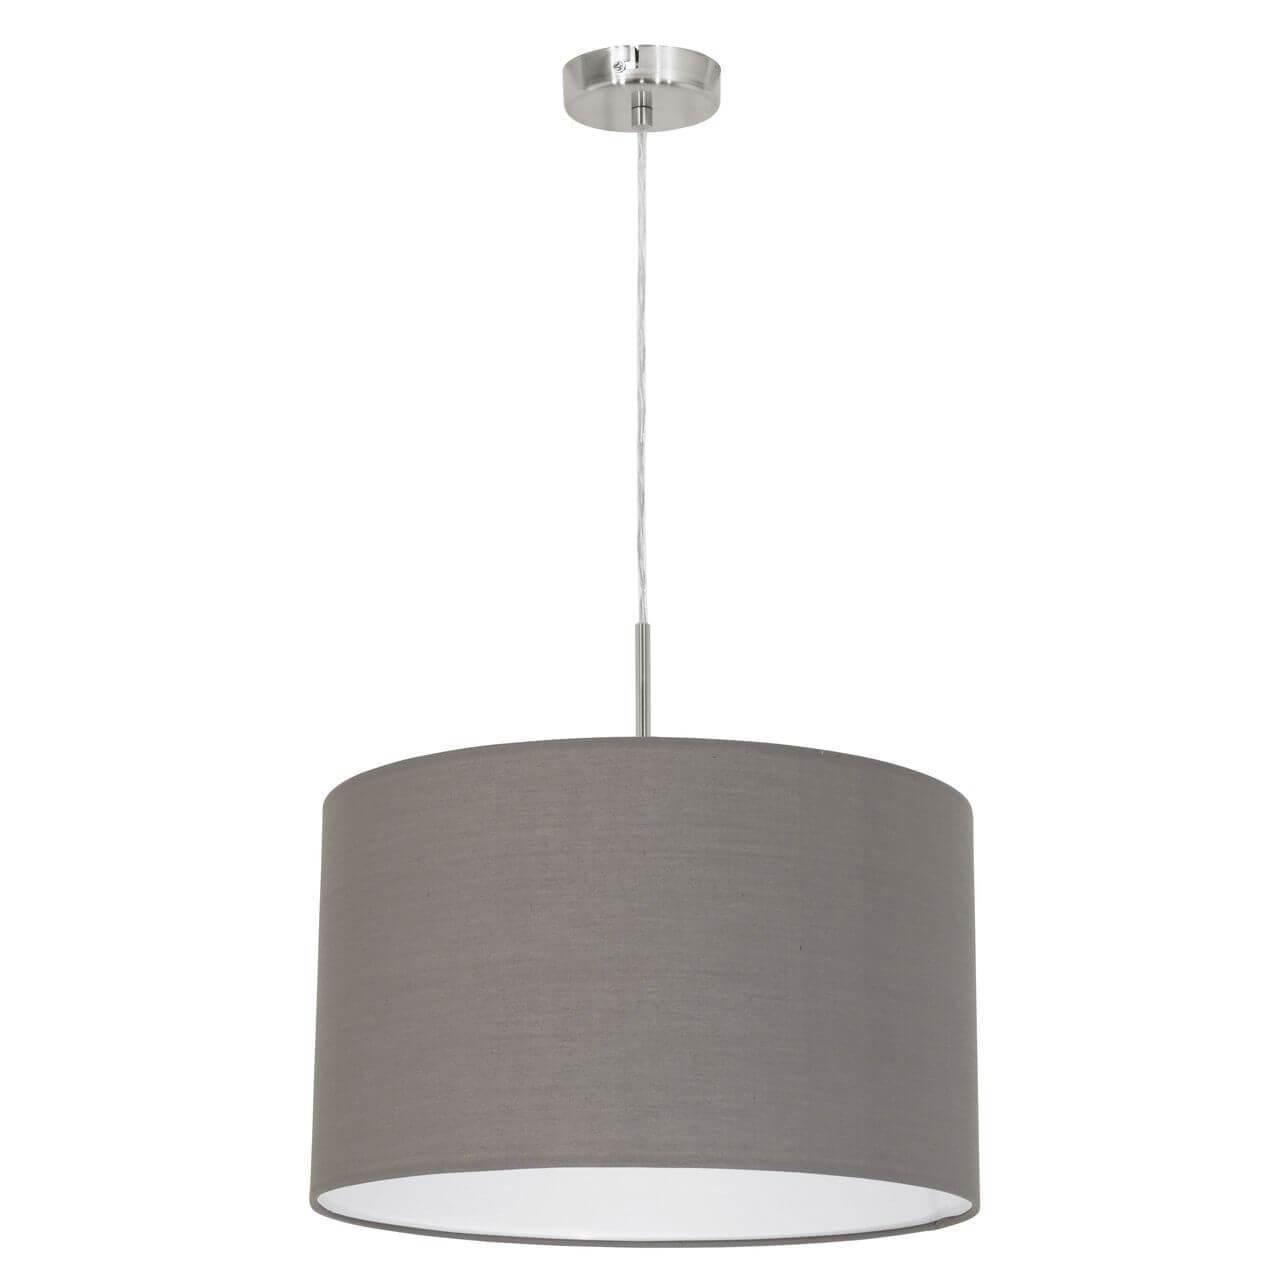 Подвесной светильник Eglo 31574, E27, 60 Вт подвесной светильник eglo pasteri 31577